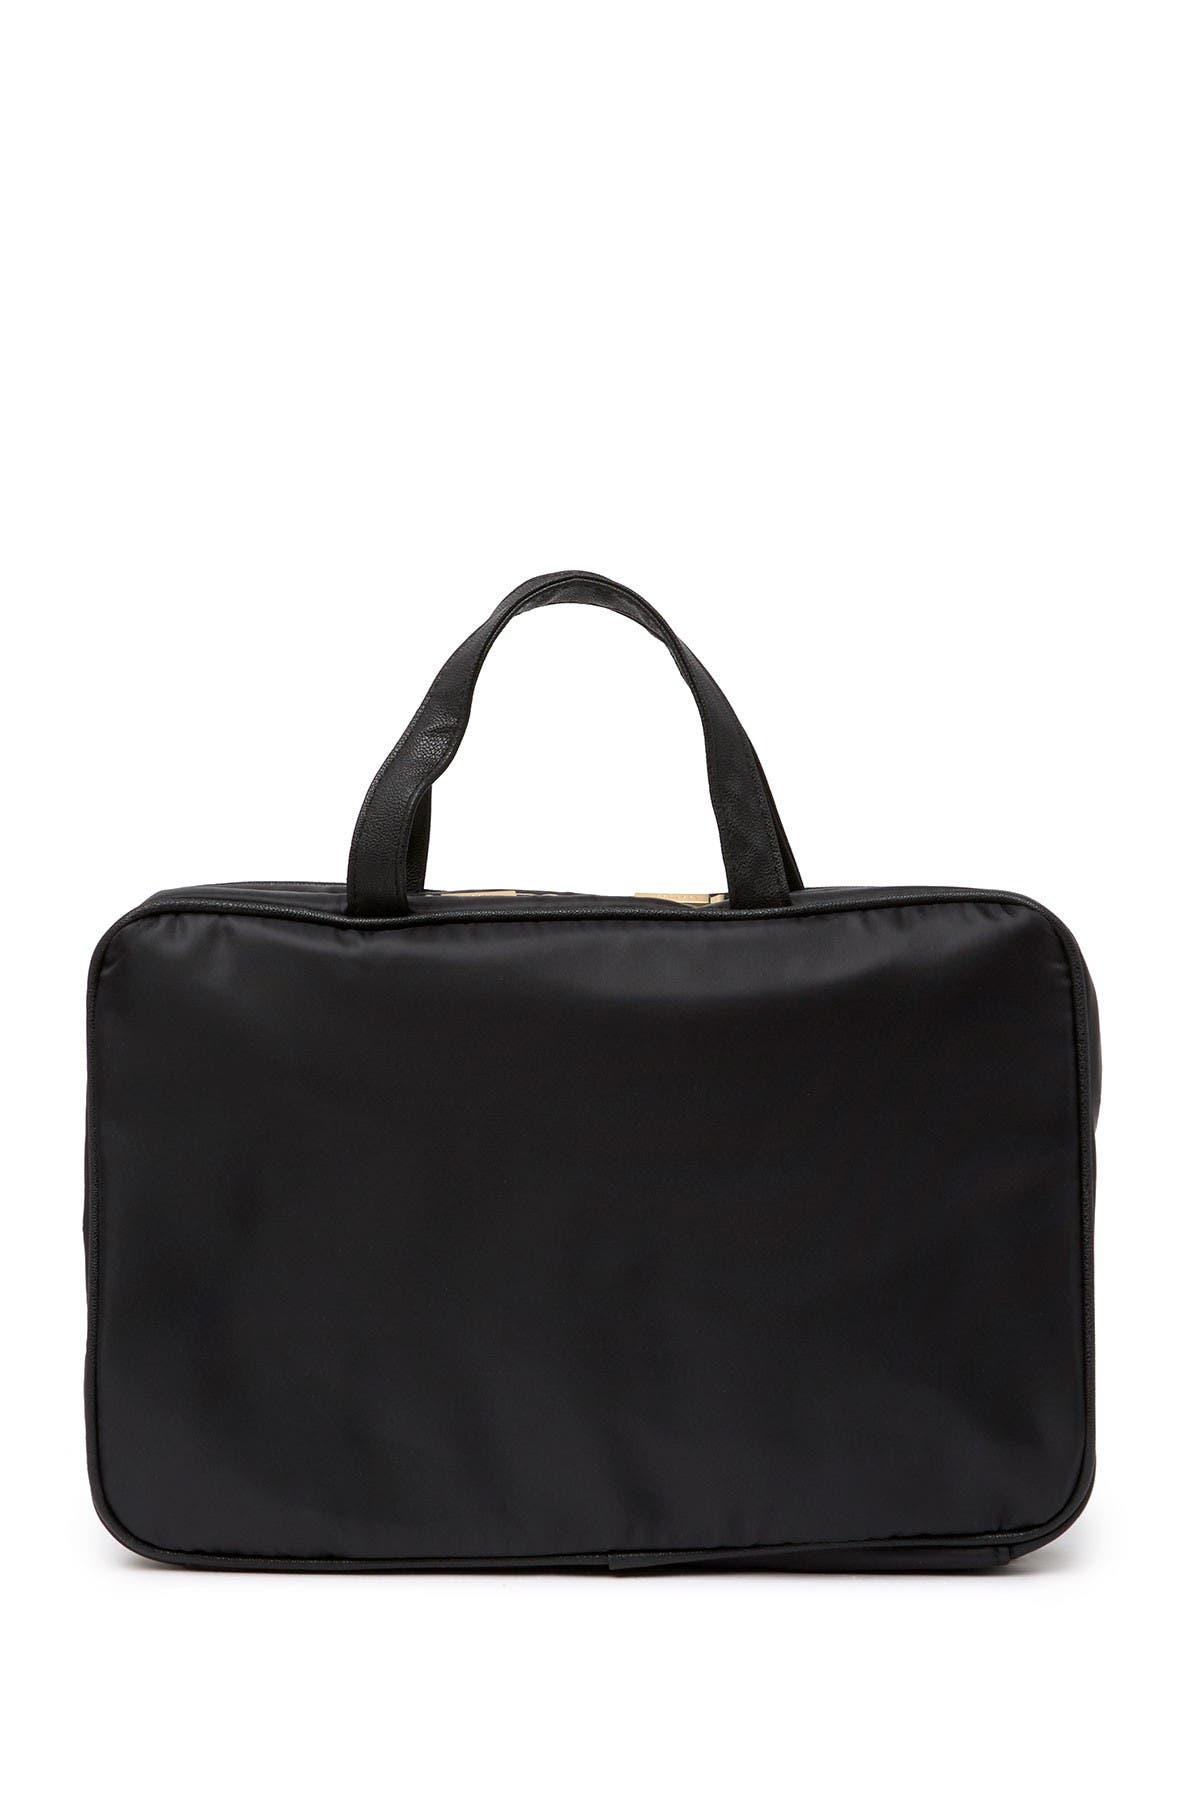 Image of Kestrel Black Weekend Bag